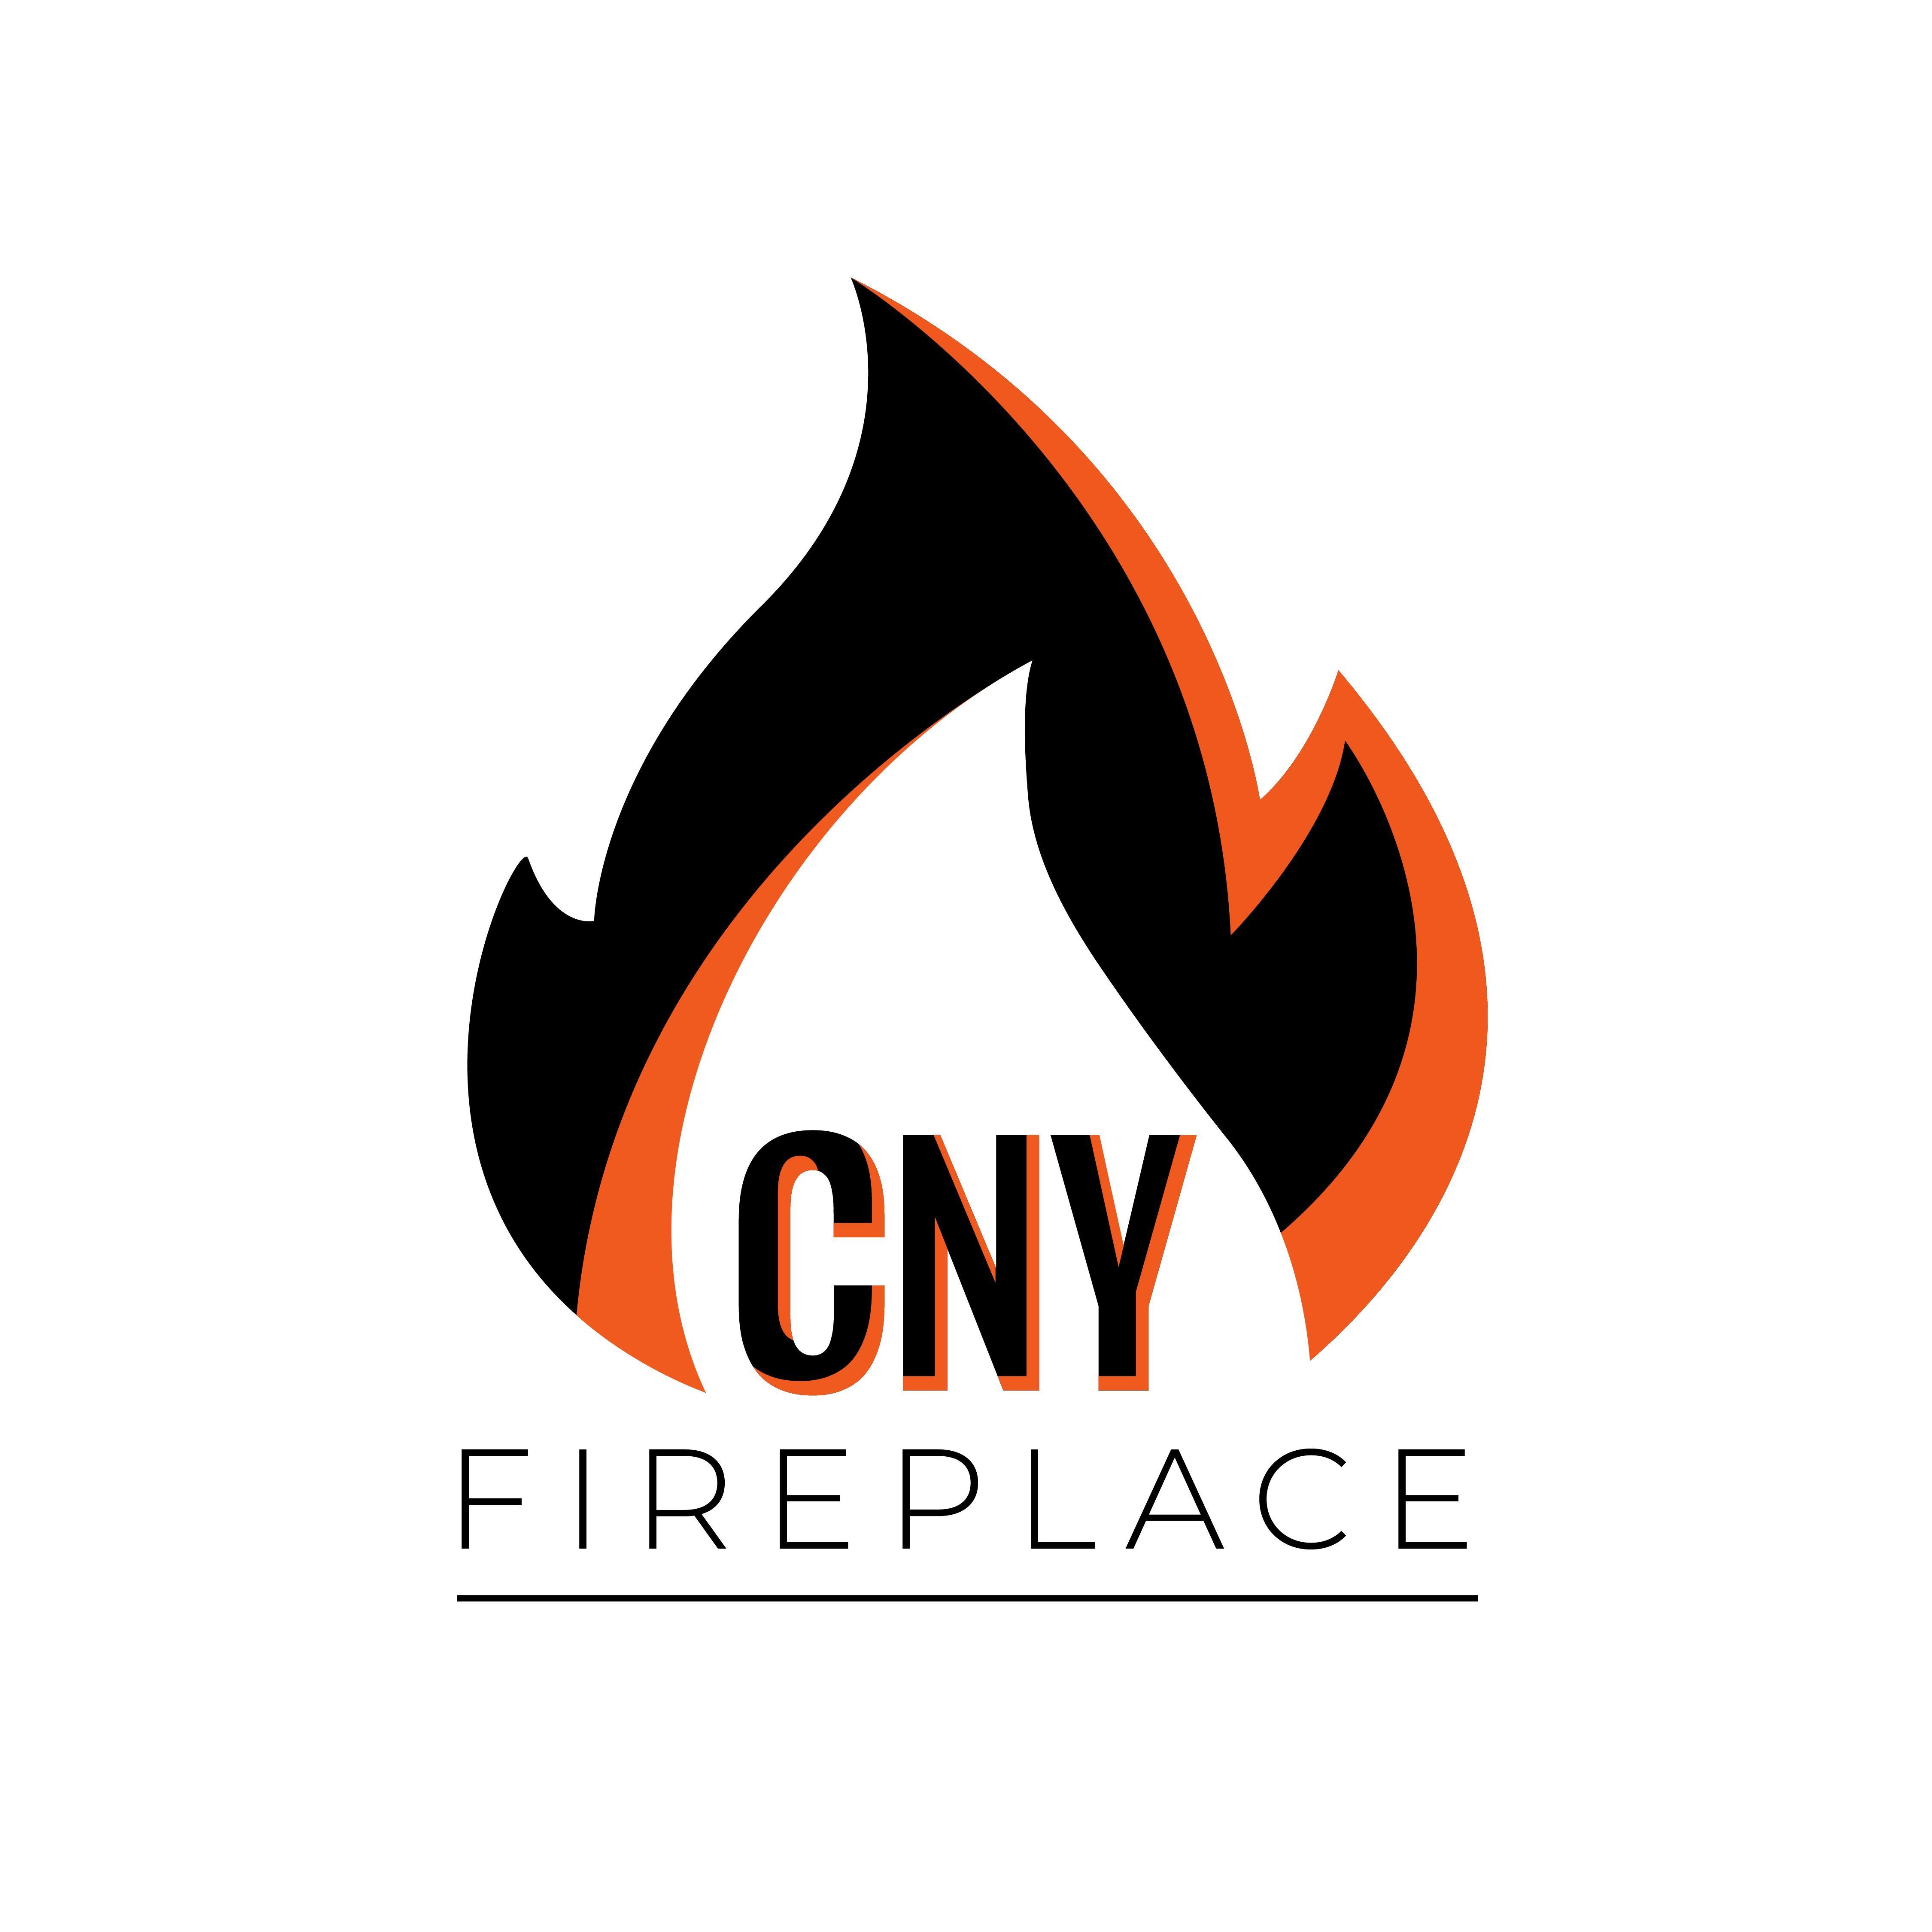 CNY Fireplace